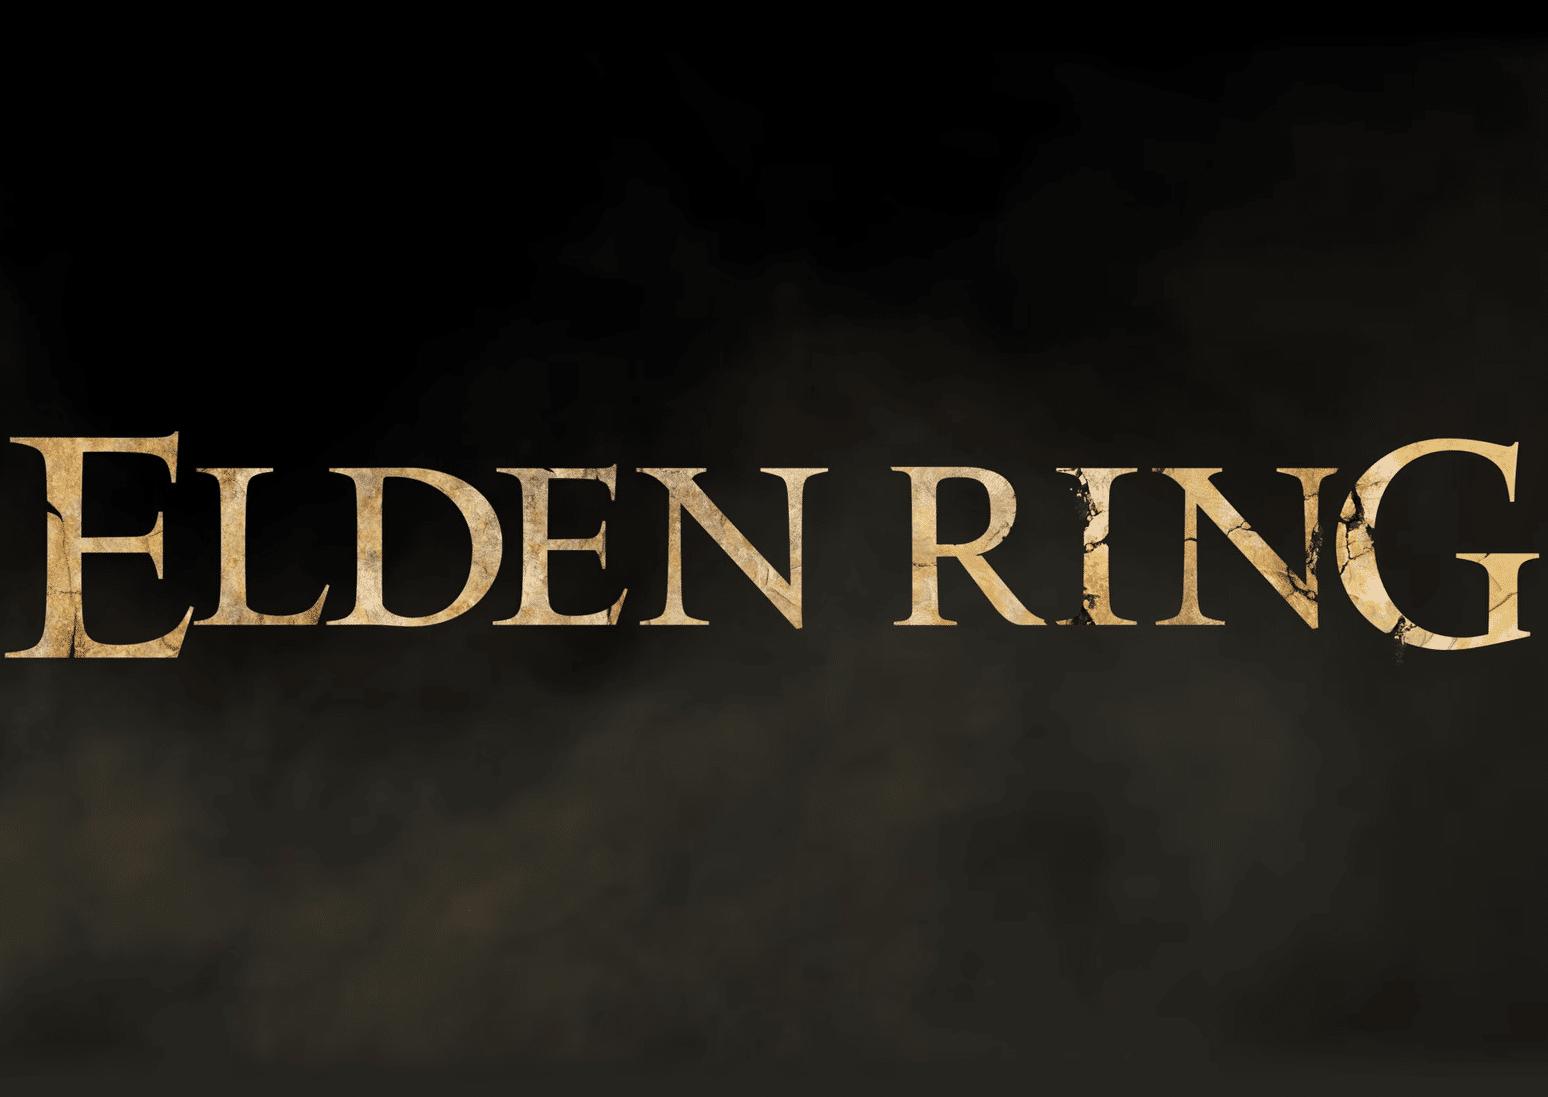 Автор «Игры престолов» Джордж Мартин и FromSoftware анонсировали игру Elden Ring